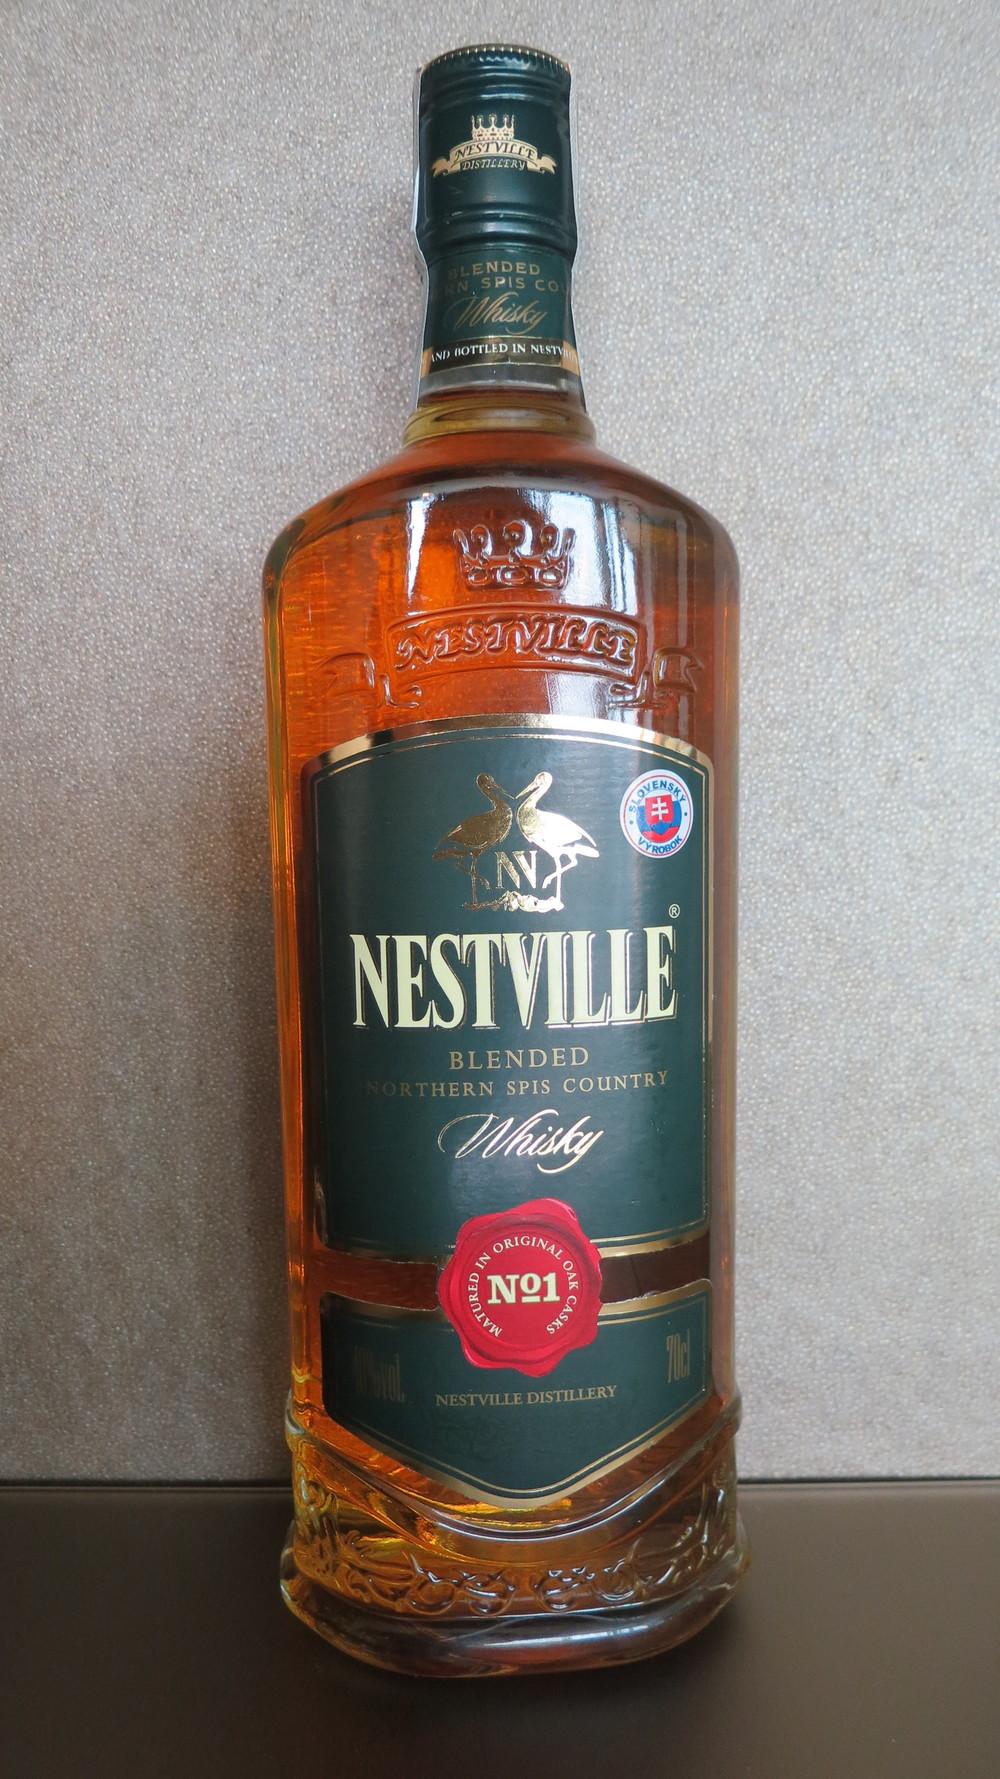 nestville blended